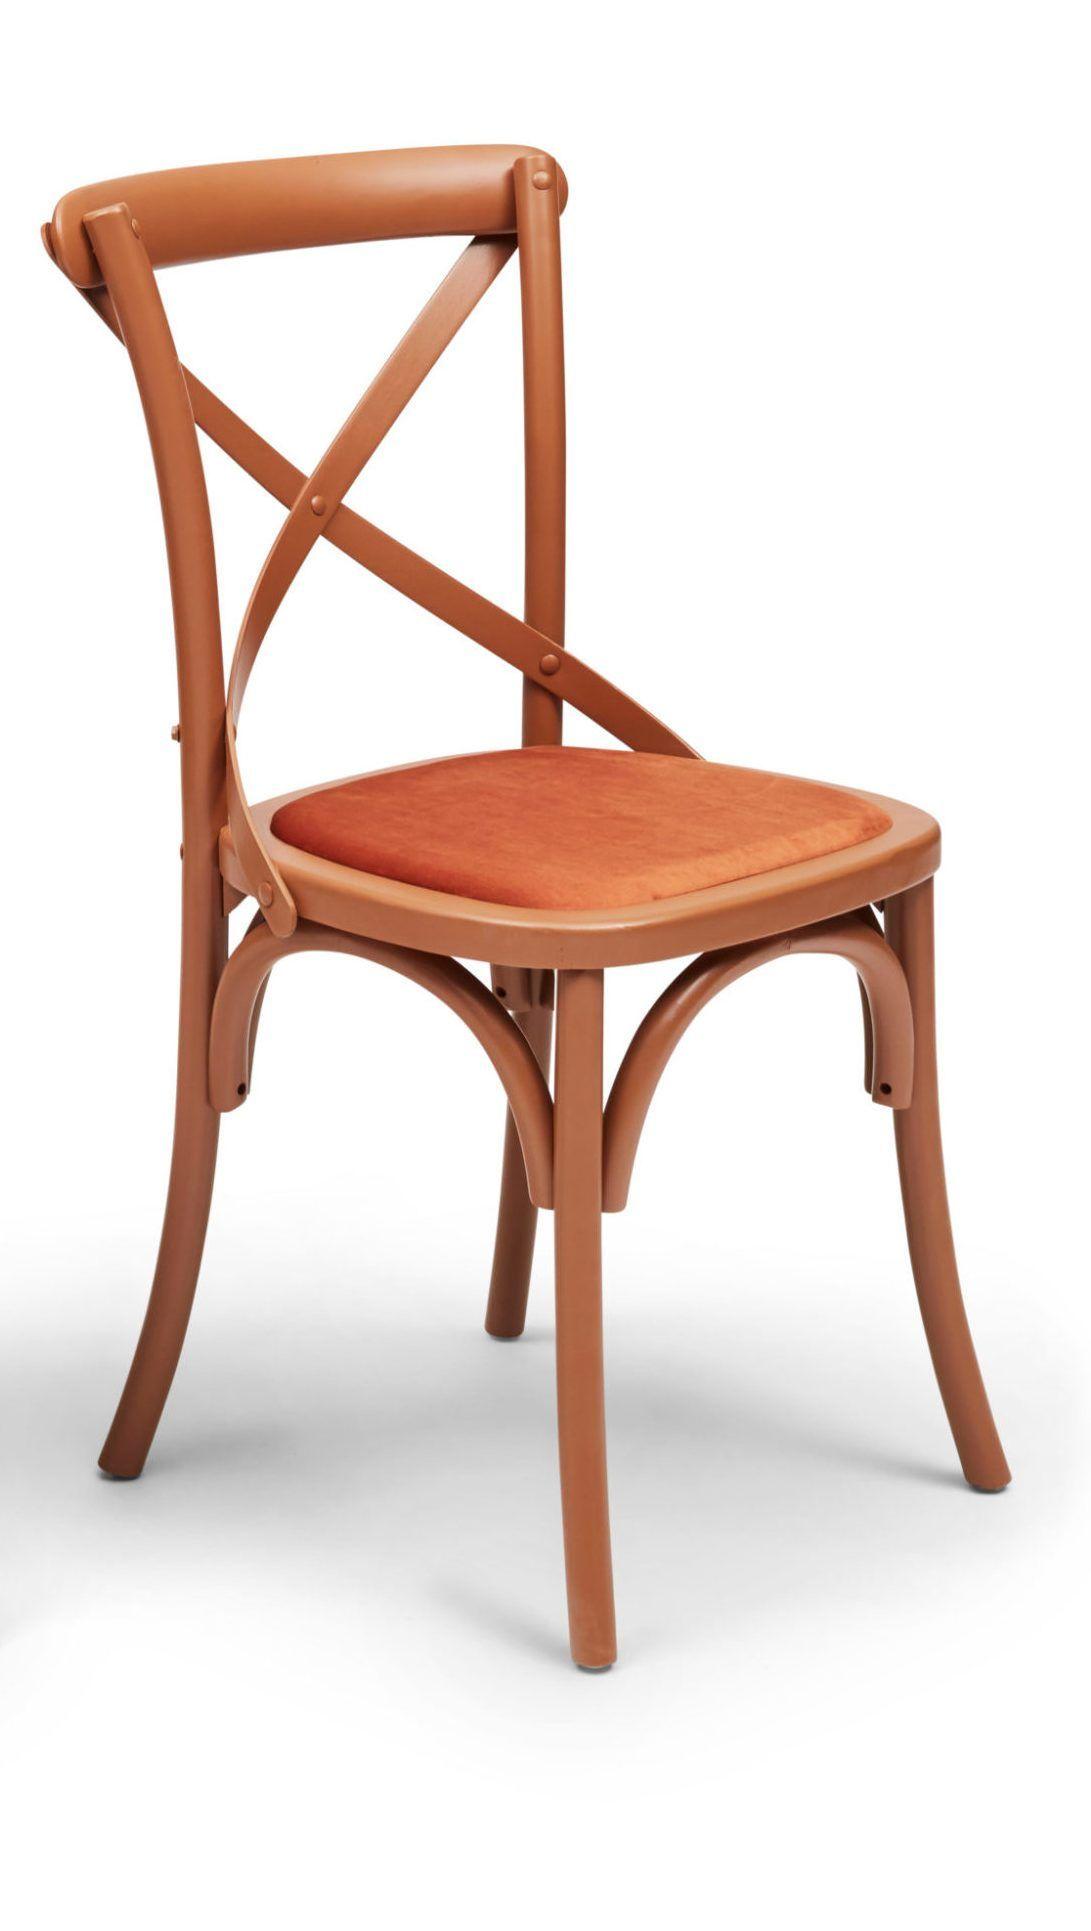 Agafia dining chair orange rust frame persimmon velvet